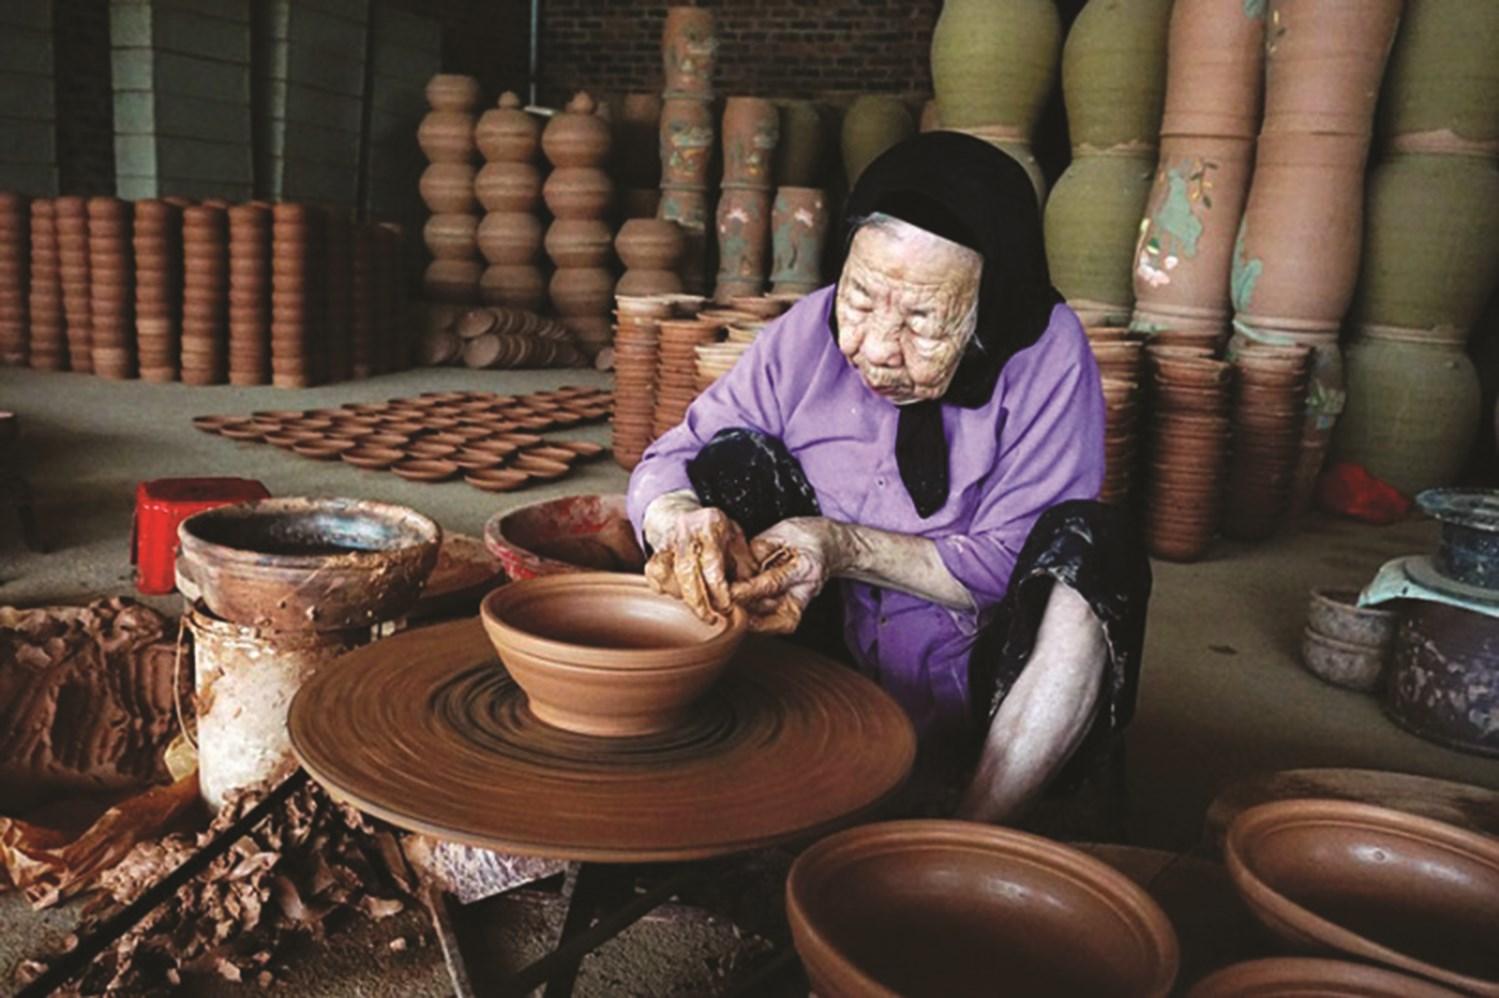 Qua bàn tay của người thợ thủ công, đất sét được luyện thật nhuyễn, đảm bảo độ dẻo, mịn nhất định và được tạo hình trên bàn xoay bằng tay hoặc trên khuôn